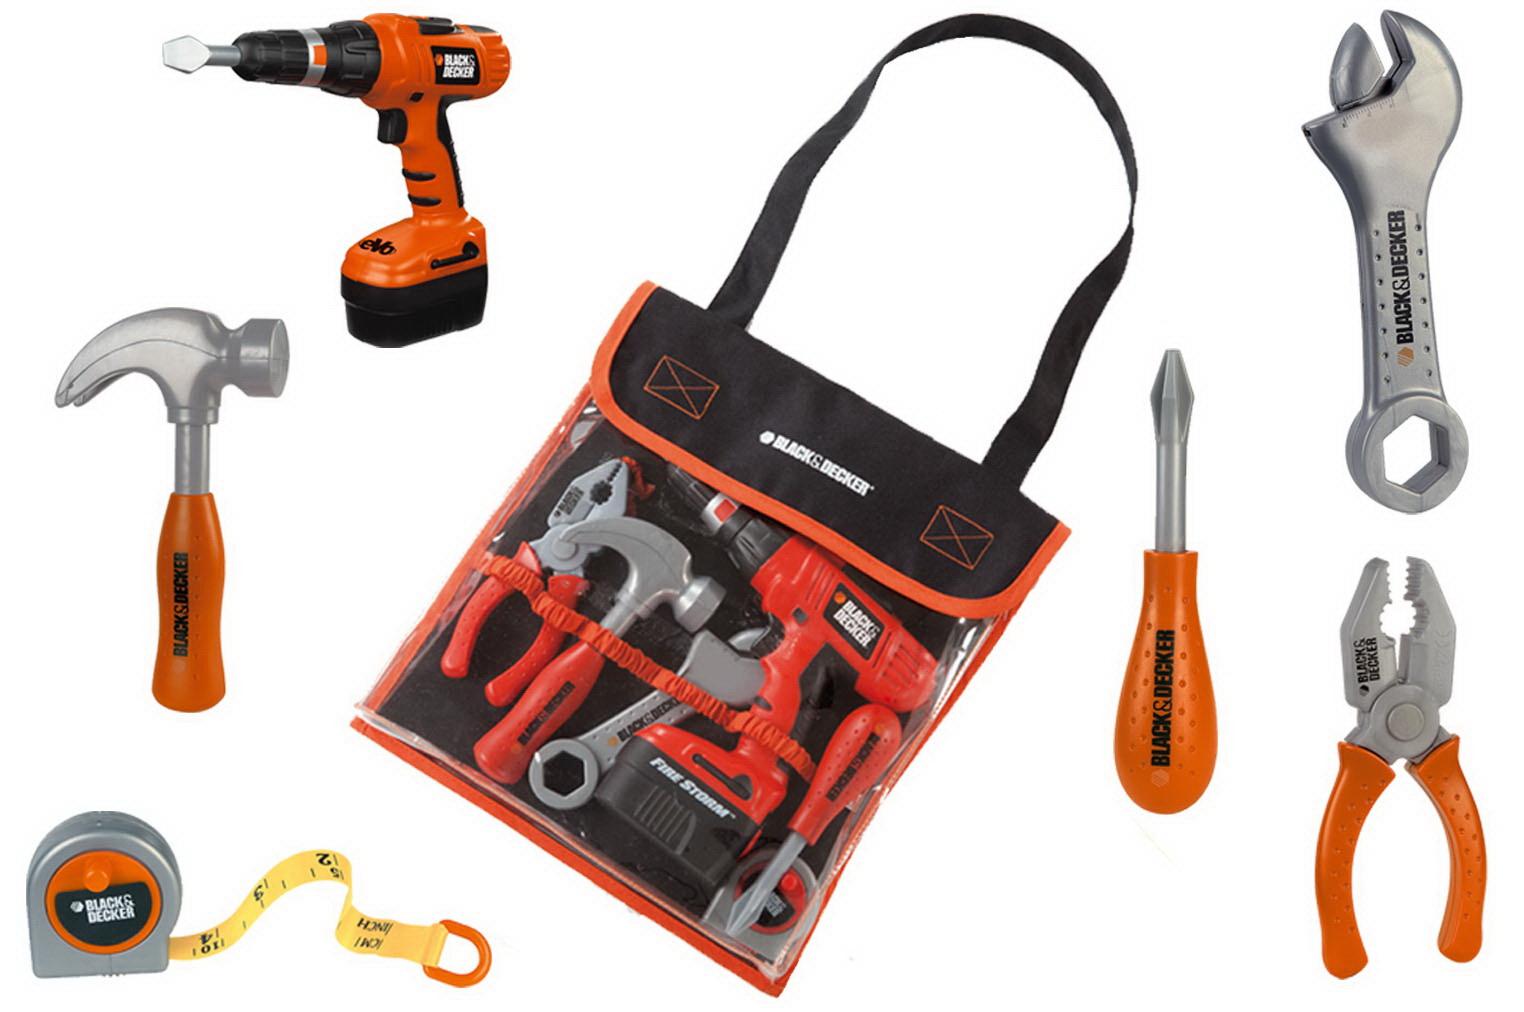 Детские инструменты в сумочке - Детские мастерские, инструменты, артикул: 6407